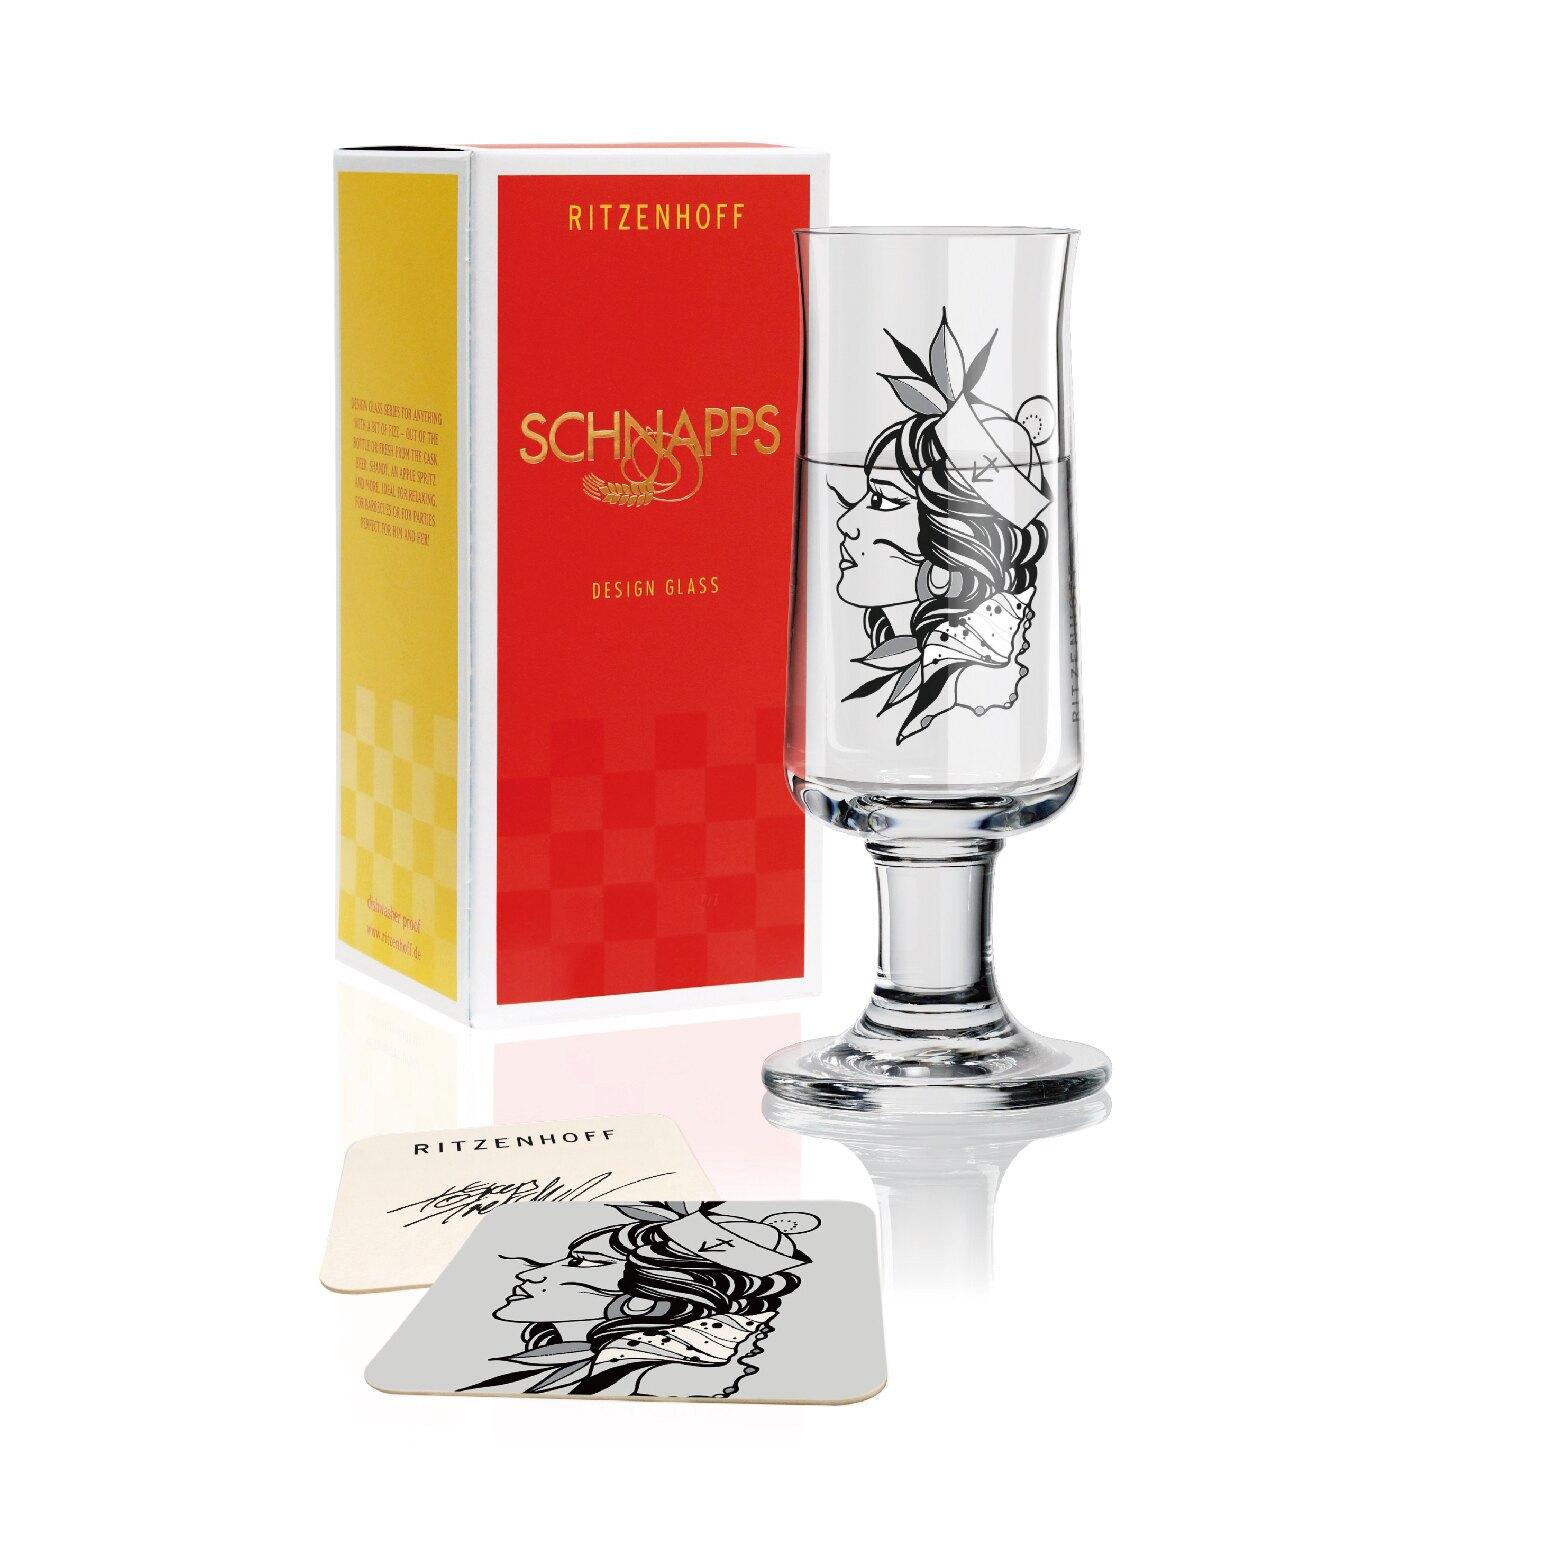 德國 RITZENHOFF 新式烈酒杯 -水手女孩_小巧精緻,適合各類烈酒,包裝精美,送禮自用兩相宜~